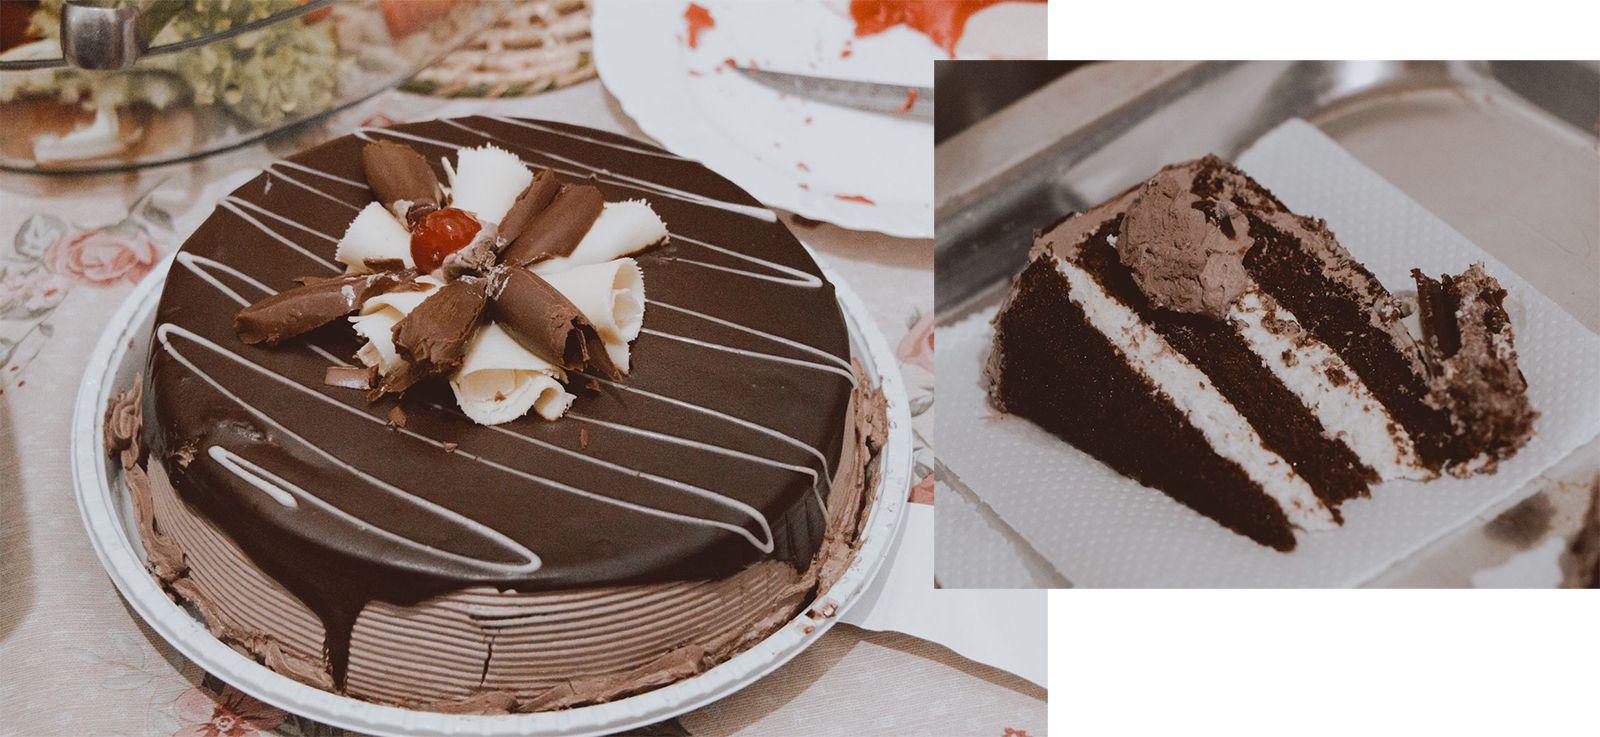 Teve festinha em casa | SNAPSHOTS Bolo de chocolate